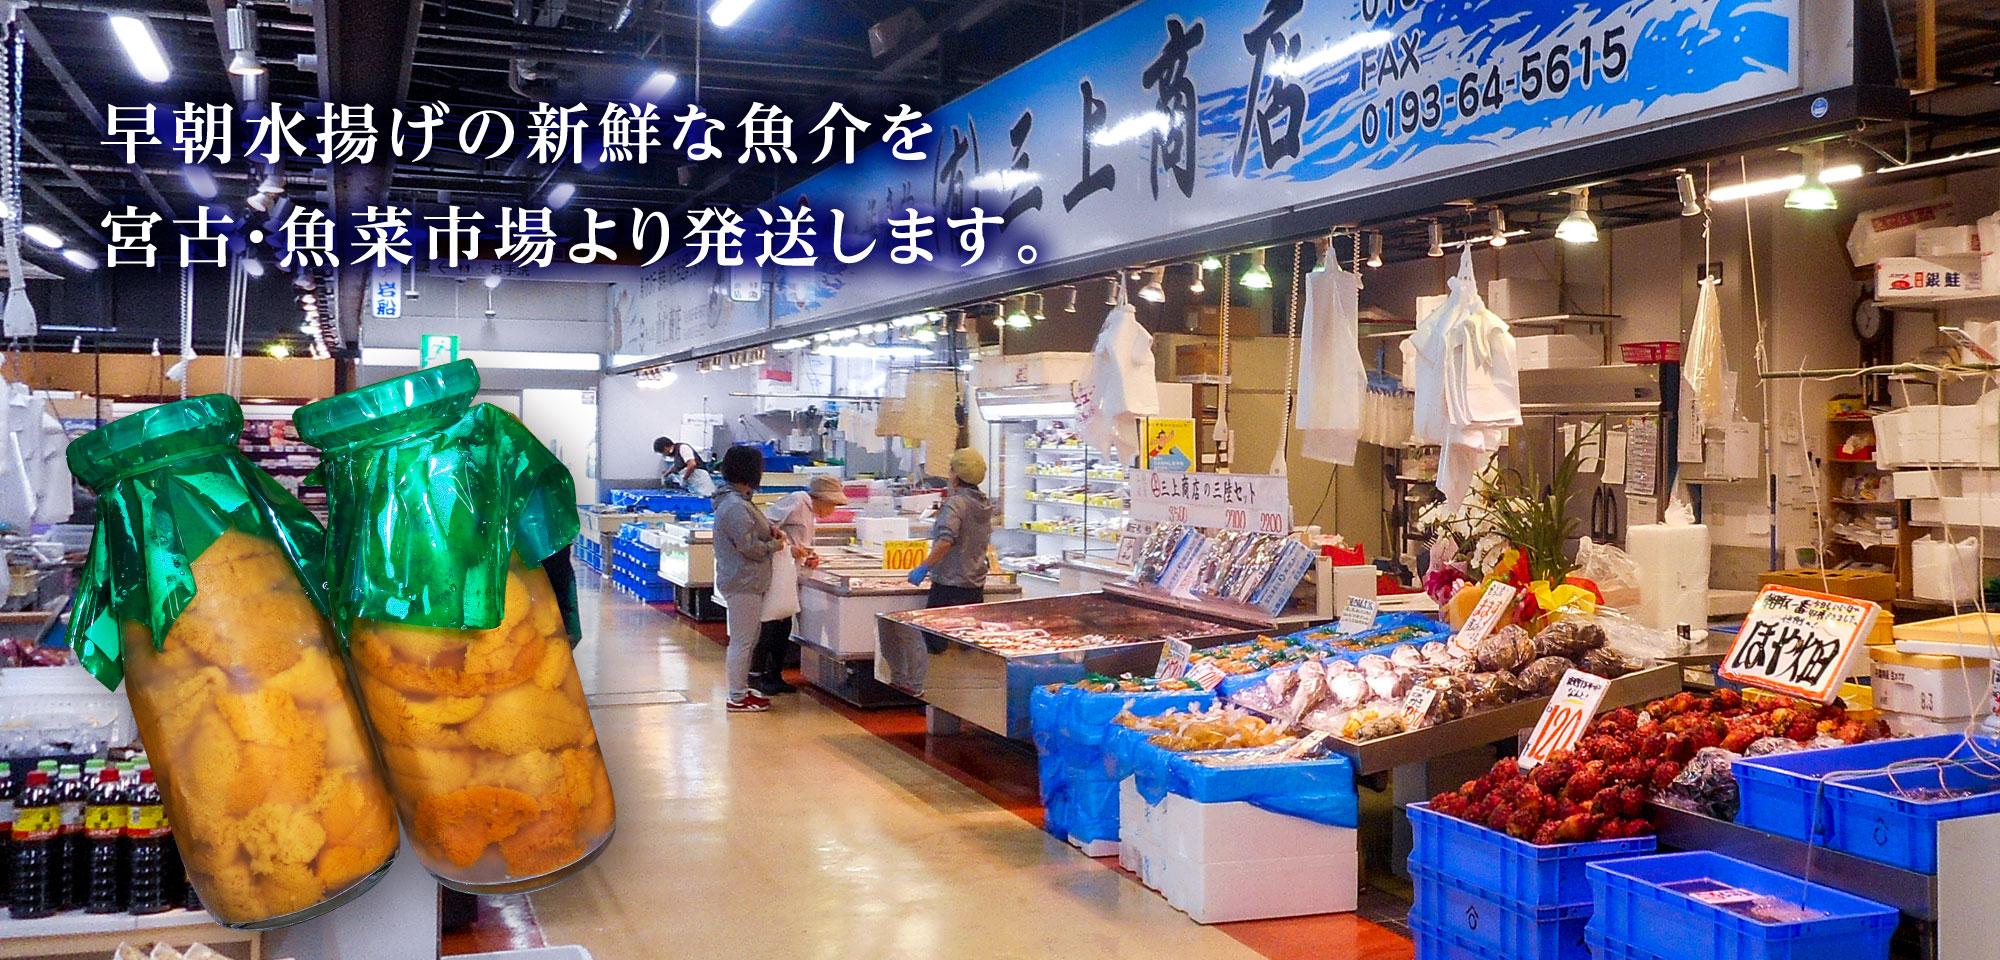 三上商店は早朝水揚げの新鮮な魚介を 宮古・魚菜市場より発送します。